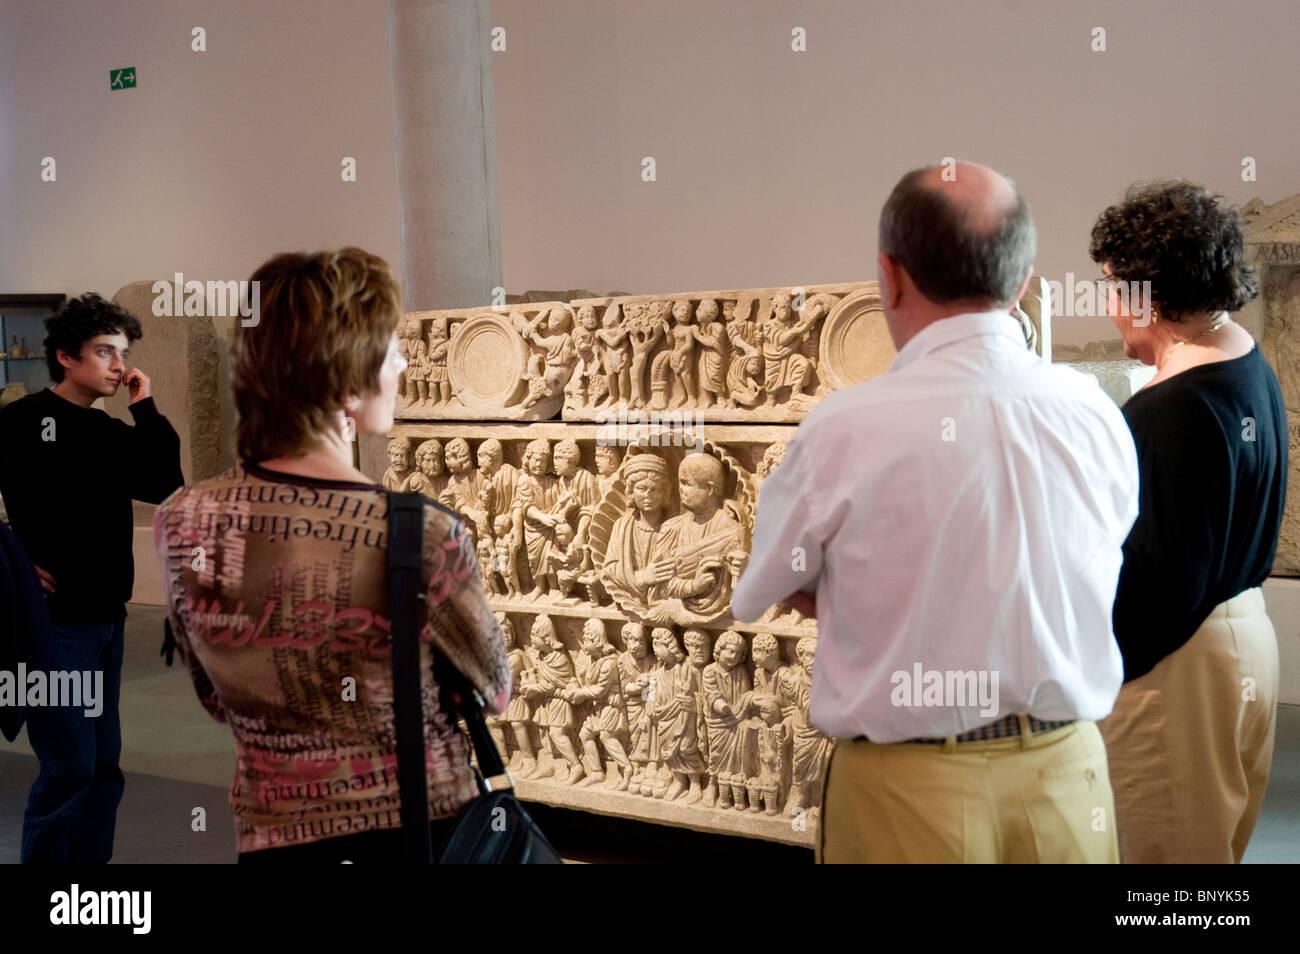 Grupo de turistas visitando el Museo Arqueológico de Arles, Guía Turístico, explicando los objetos Imagen De Stock